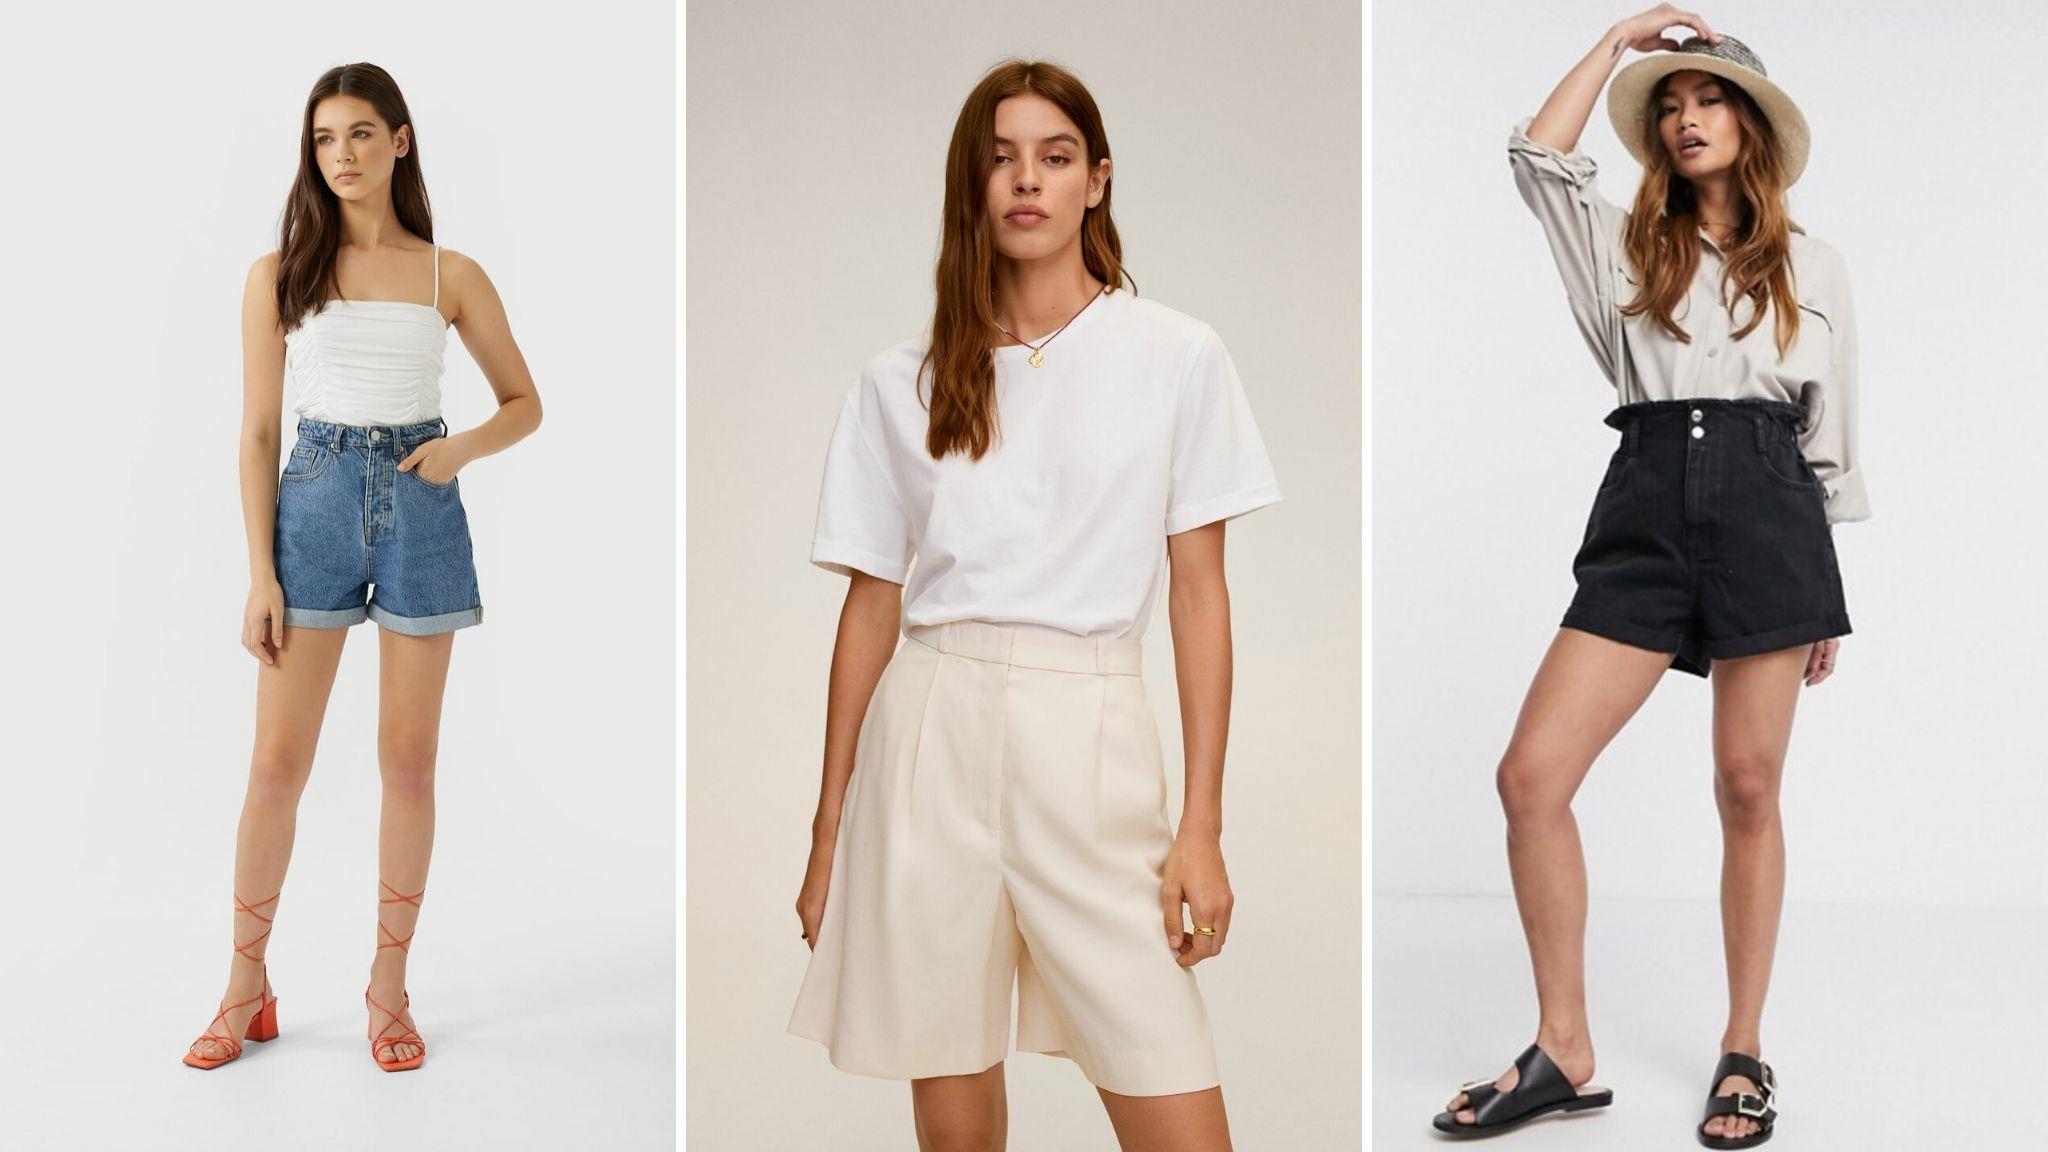 Eté 2020 : 5 tendances de shorts à adopter